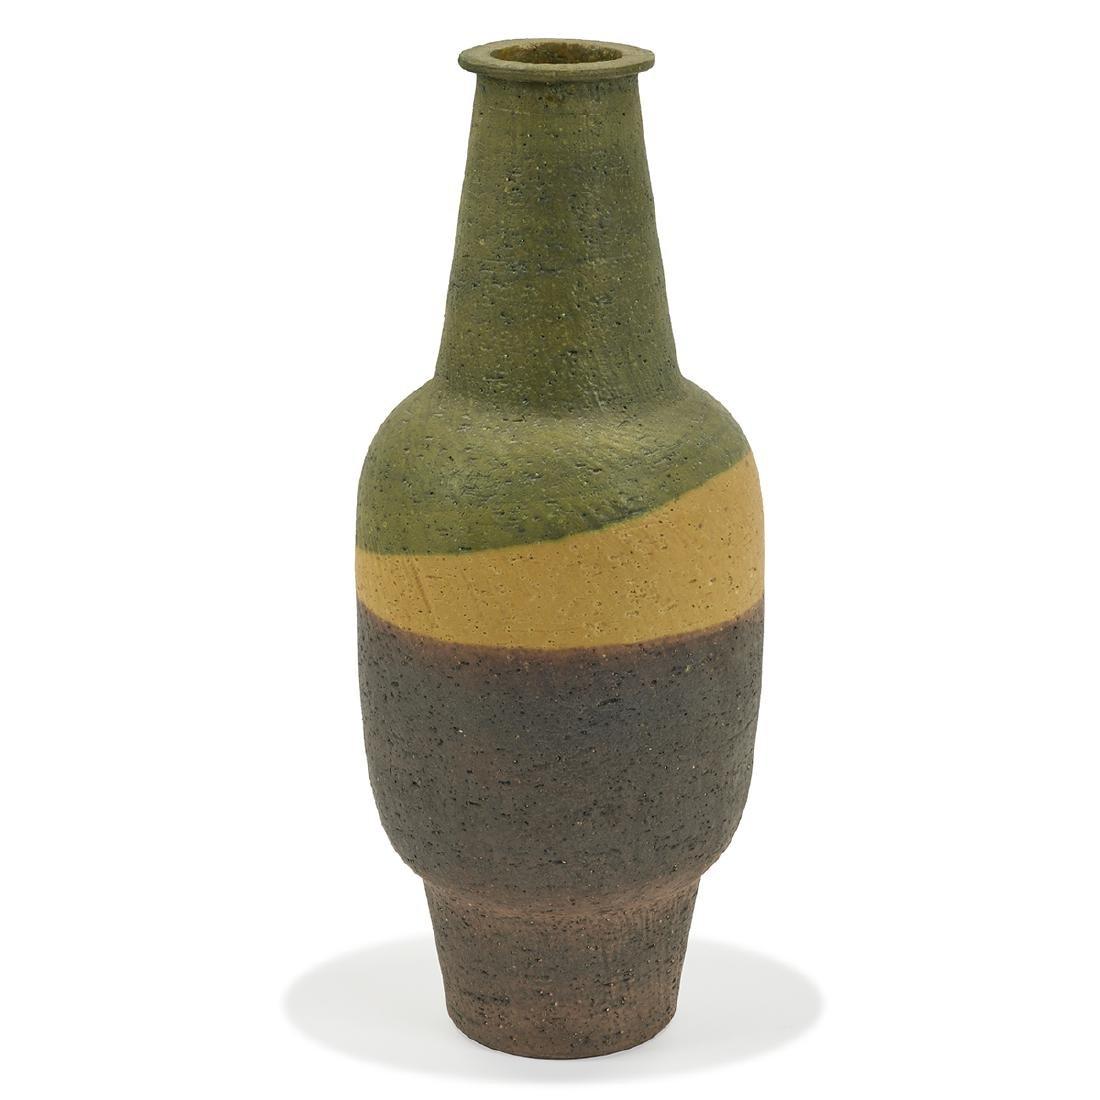 Marcello Fantoni for Raymor vase